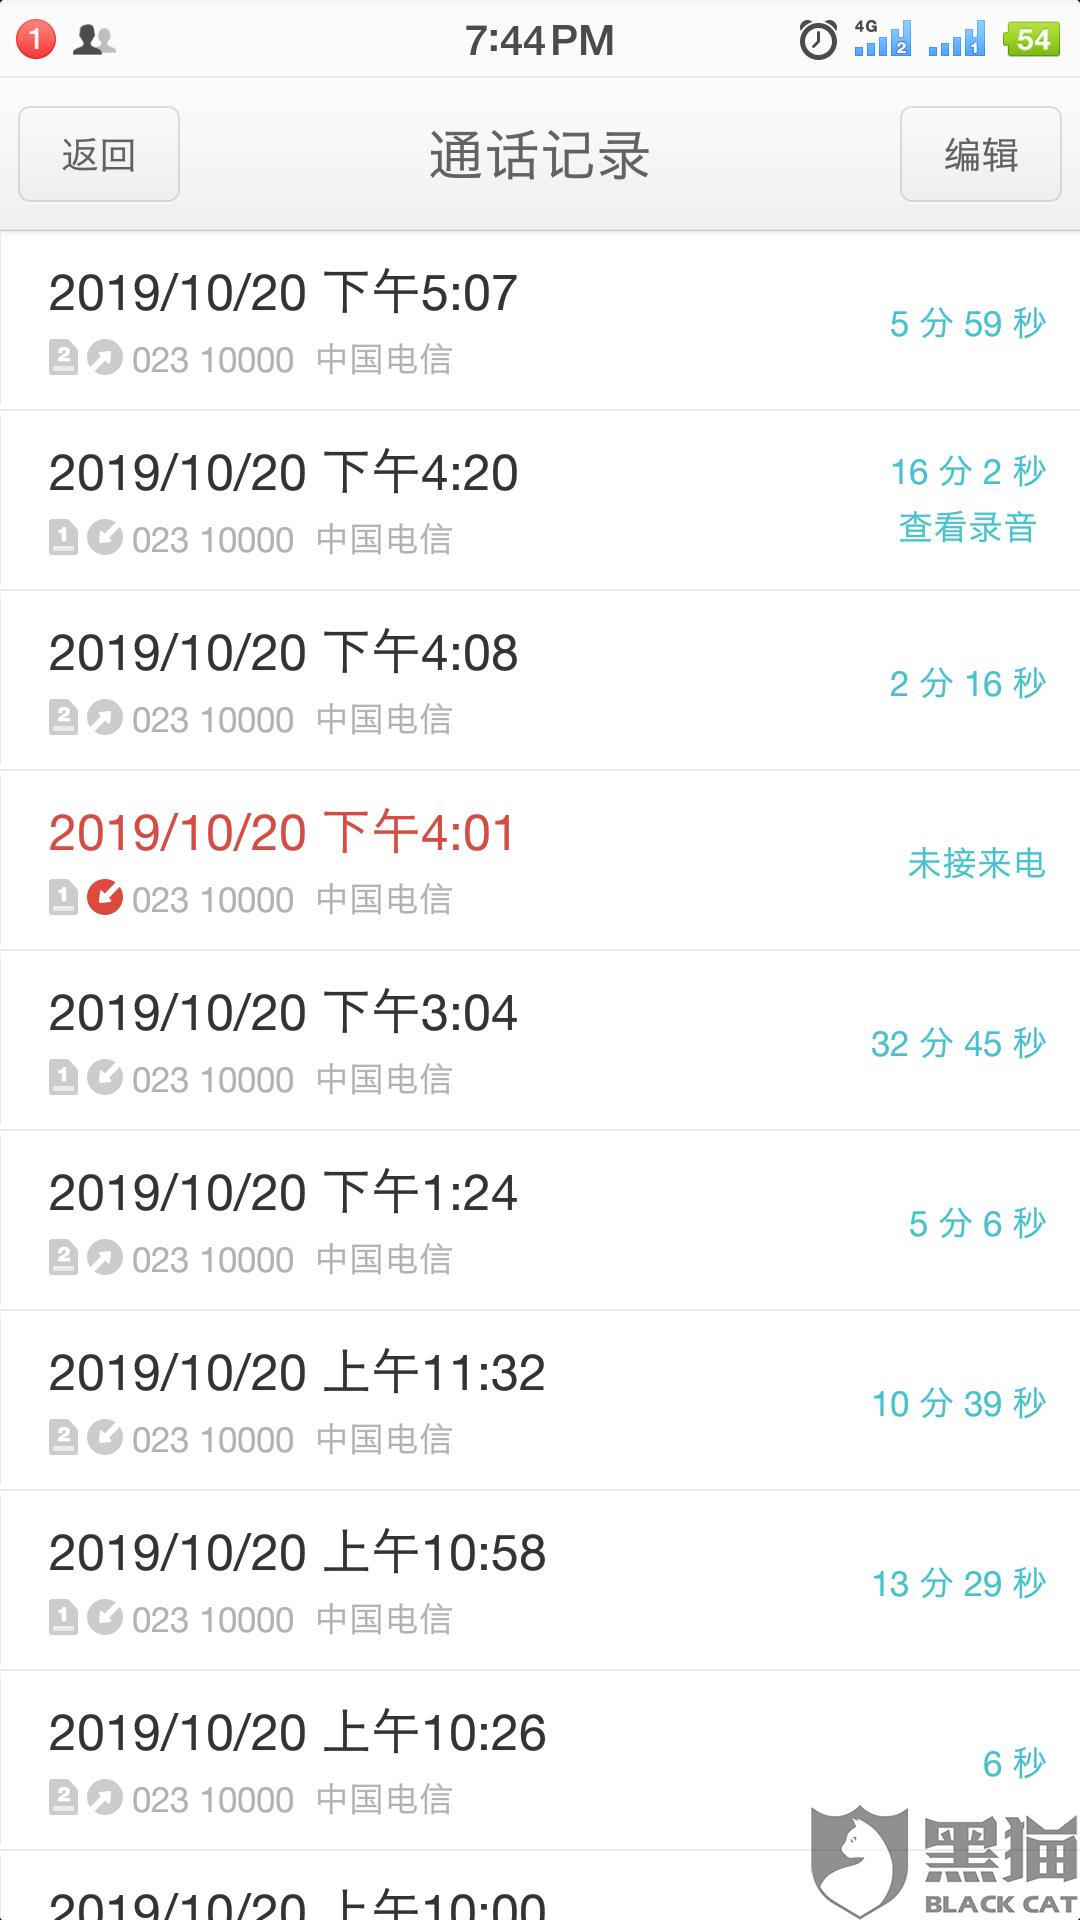 黑猫投诉:新电信卡使用14小时后被告知涉电信zhapian关停?电信概不处理还责怪客户